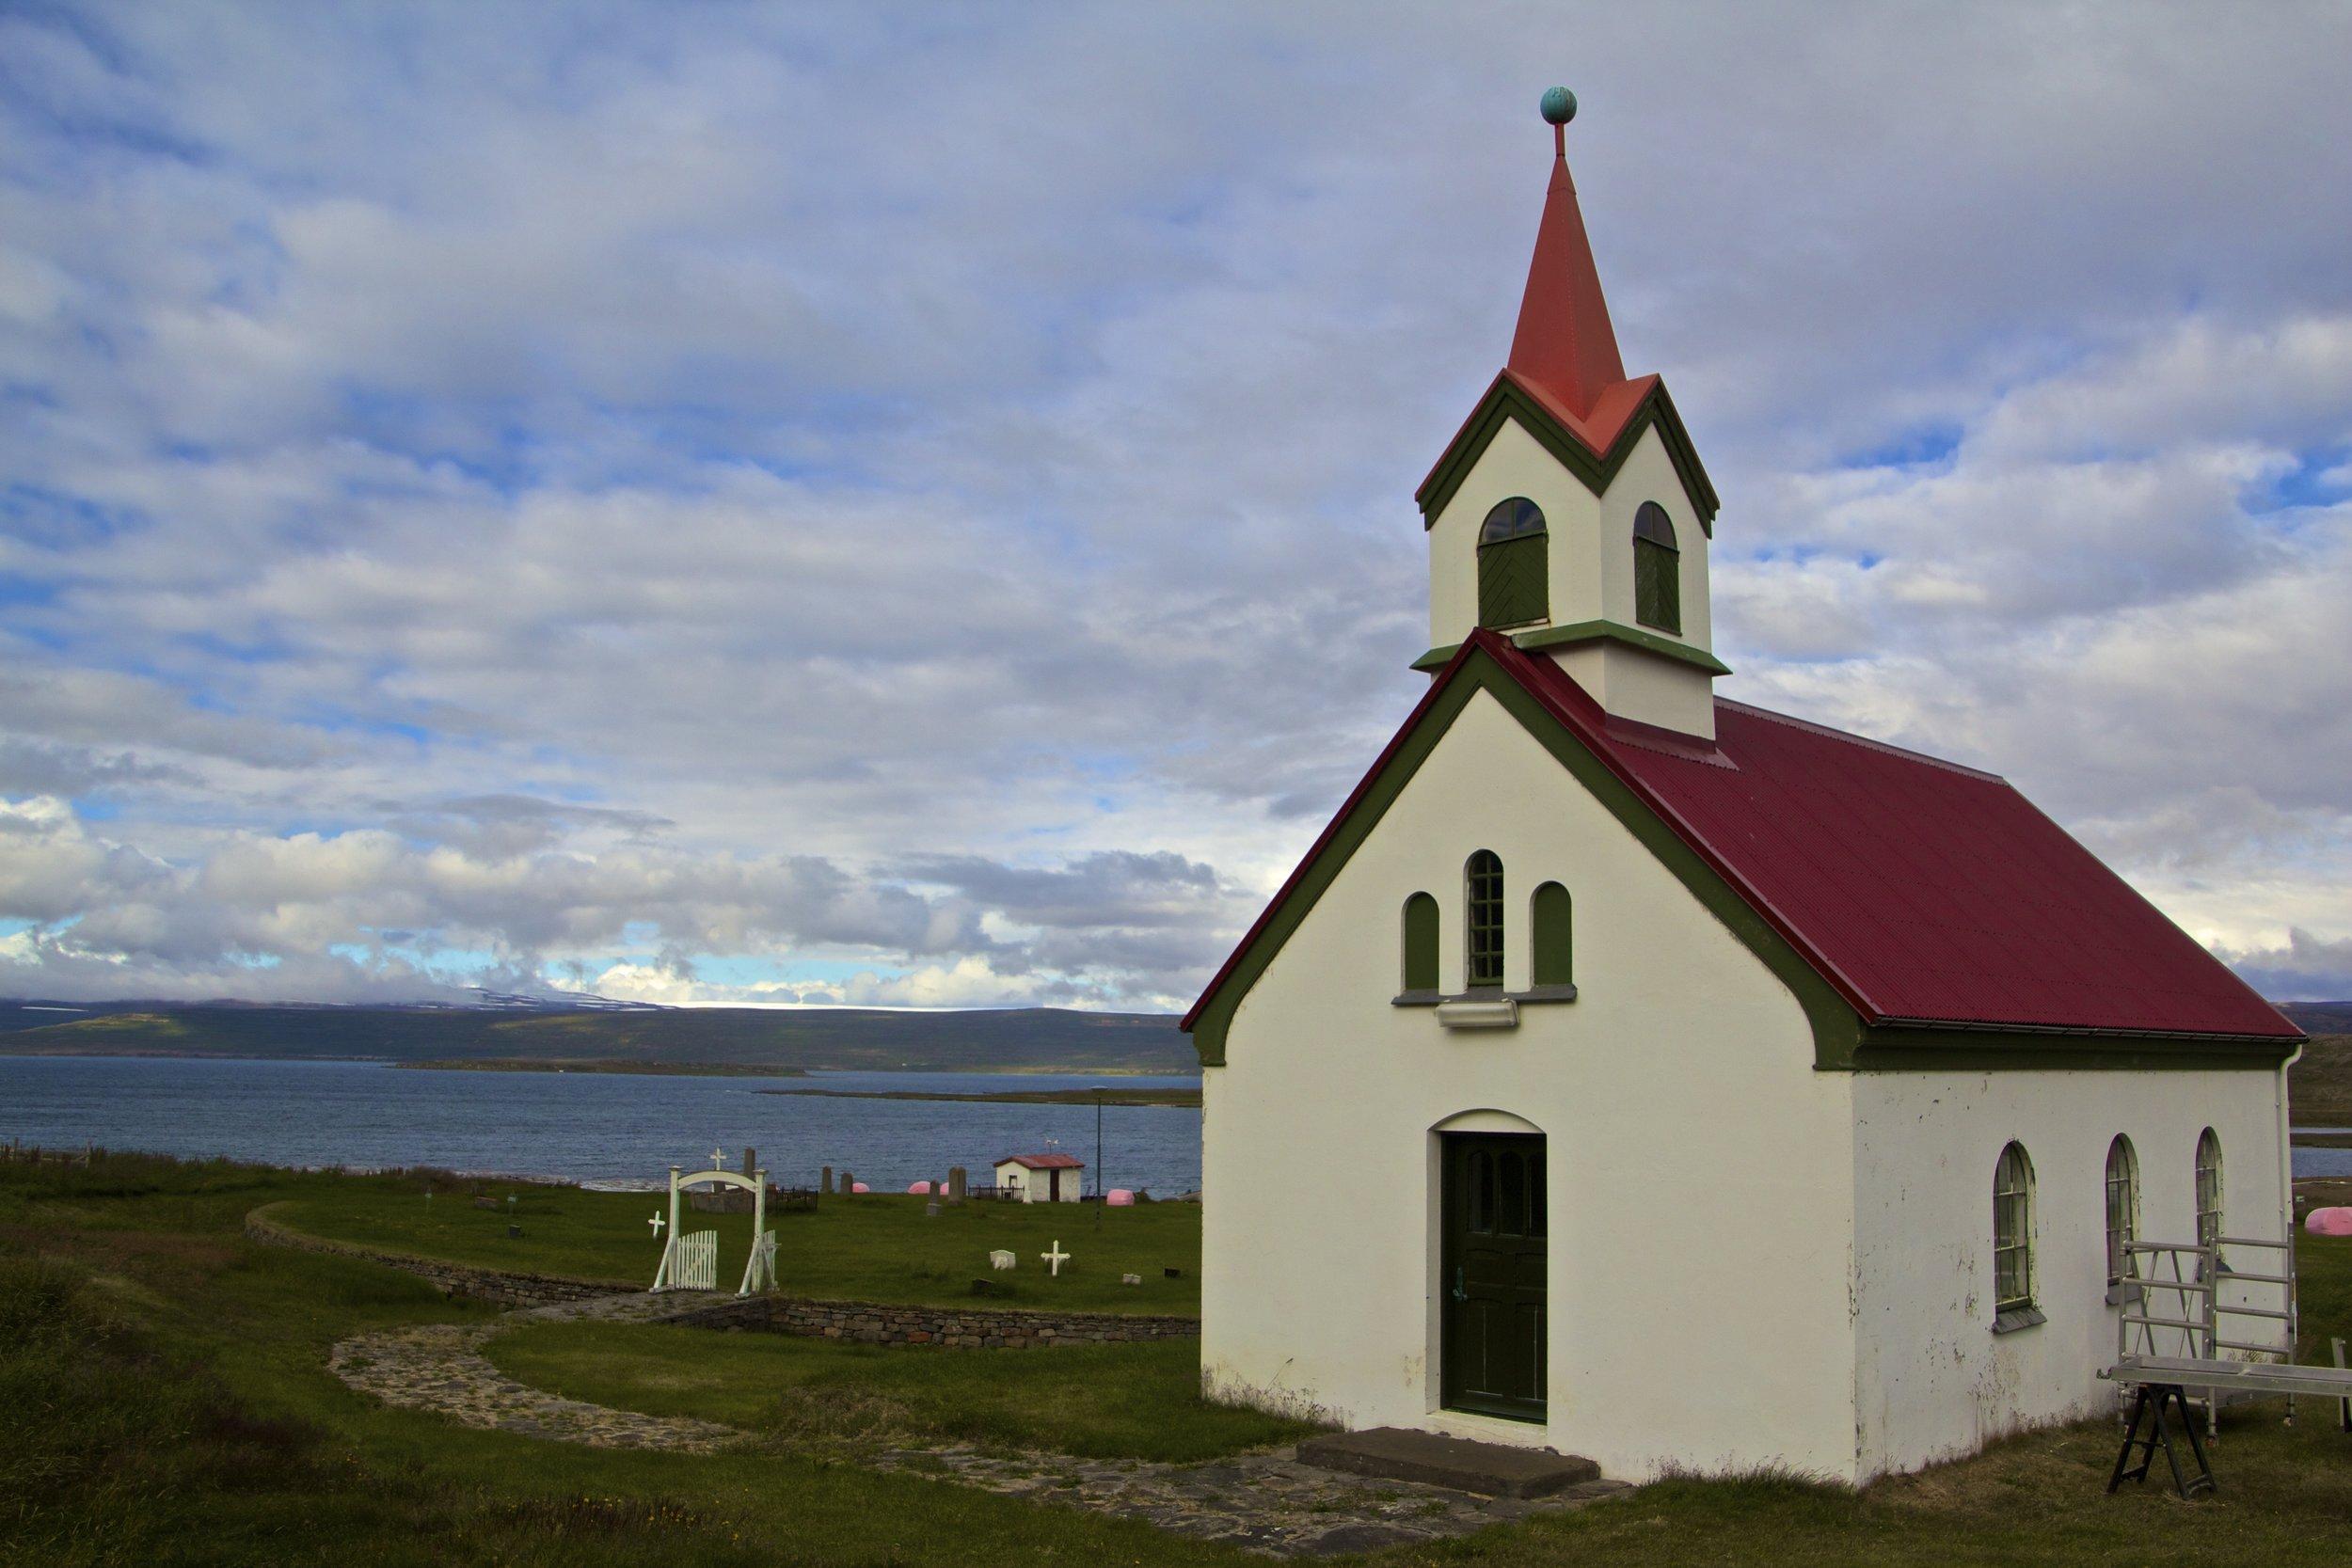 Vatnsfjorourkirkja West Fjords Churches 2.jpg